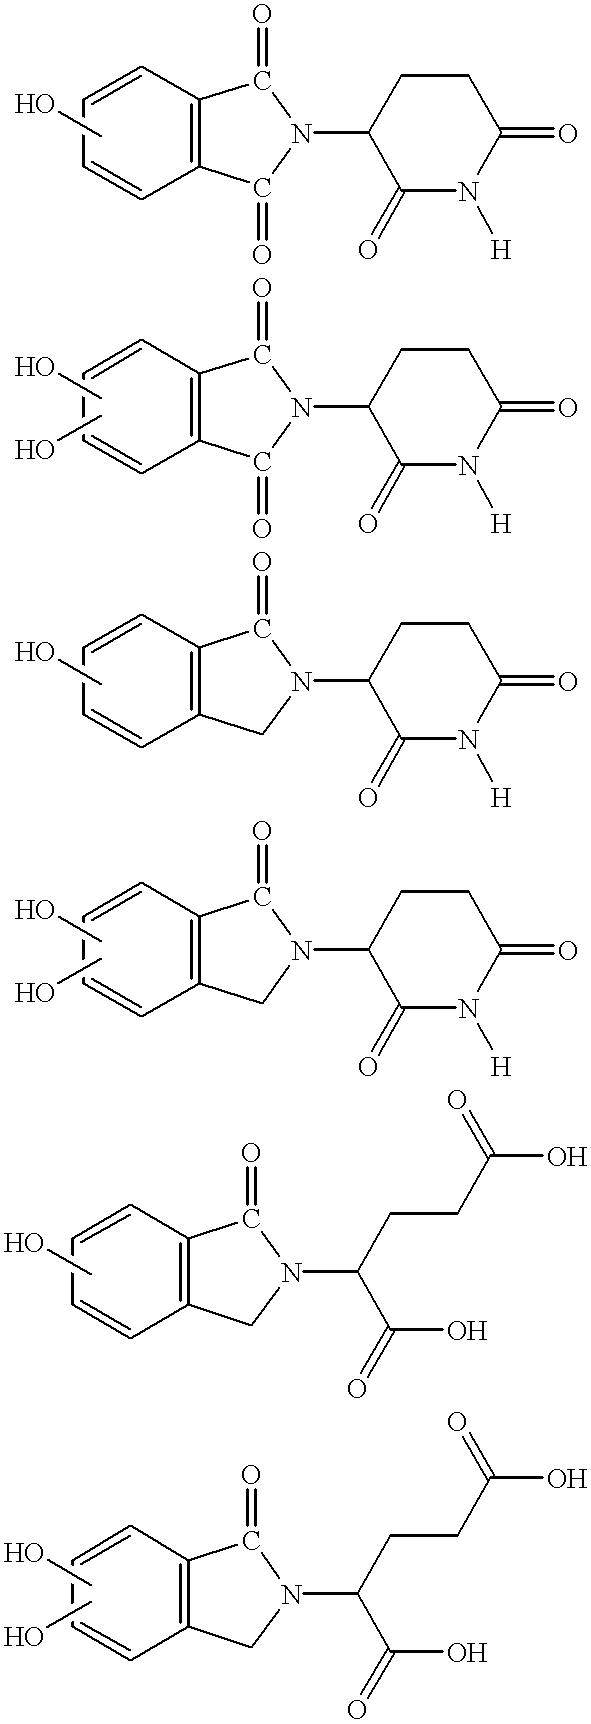 Figure US06518298-20030211-C00018